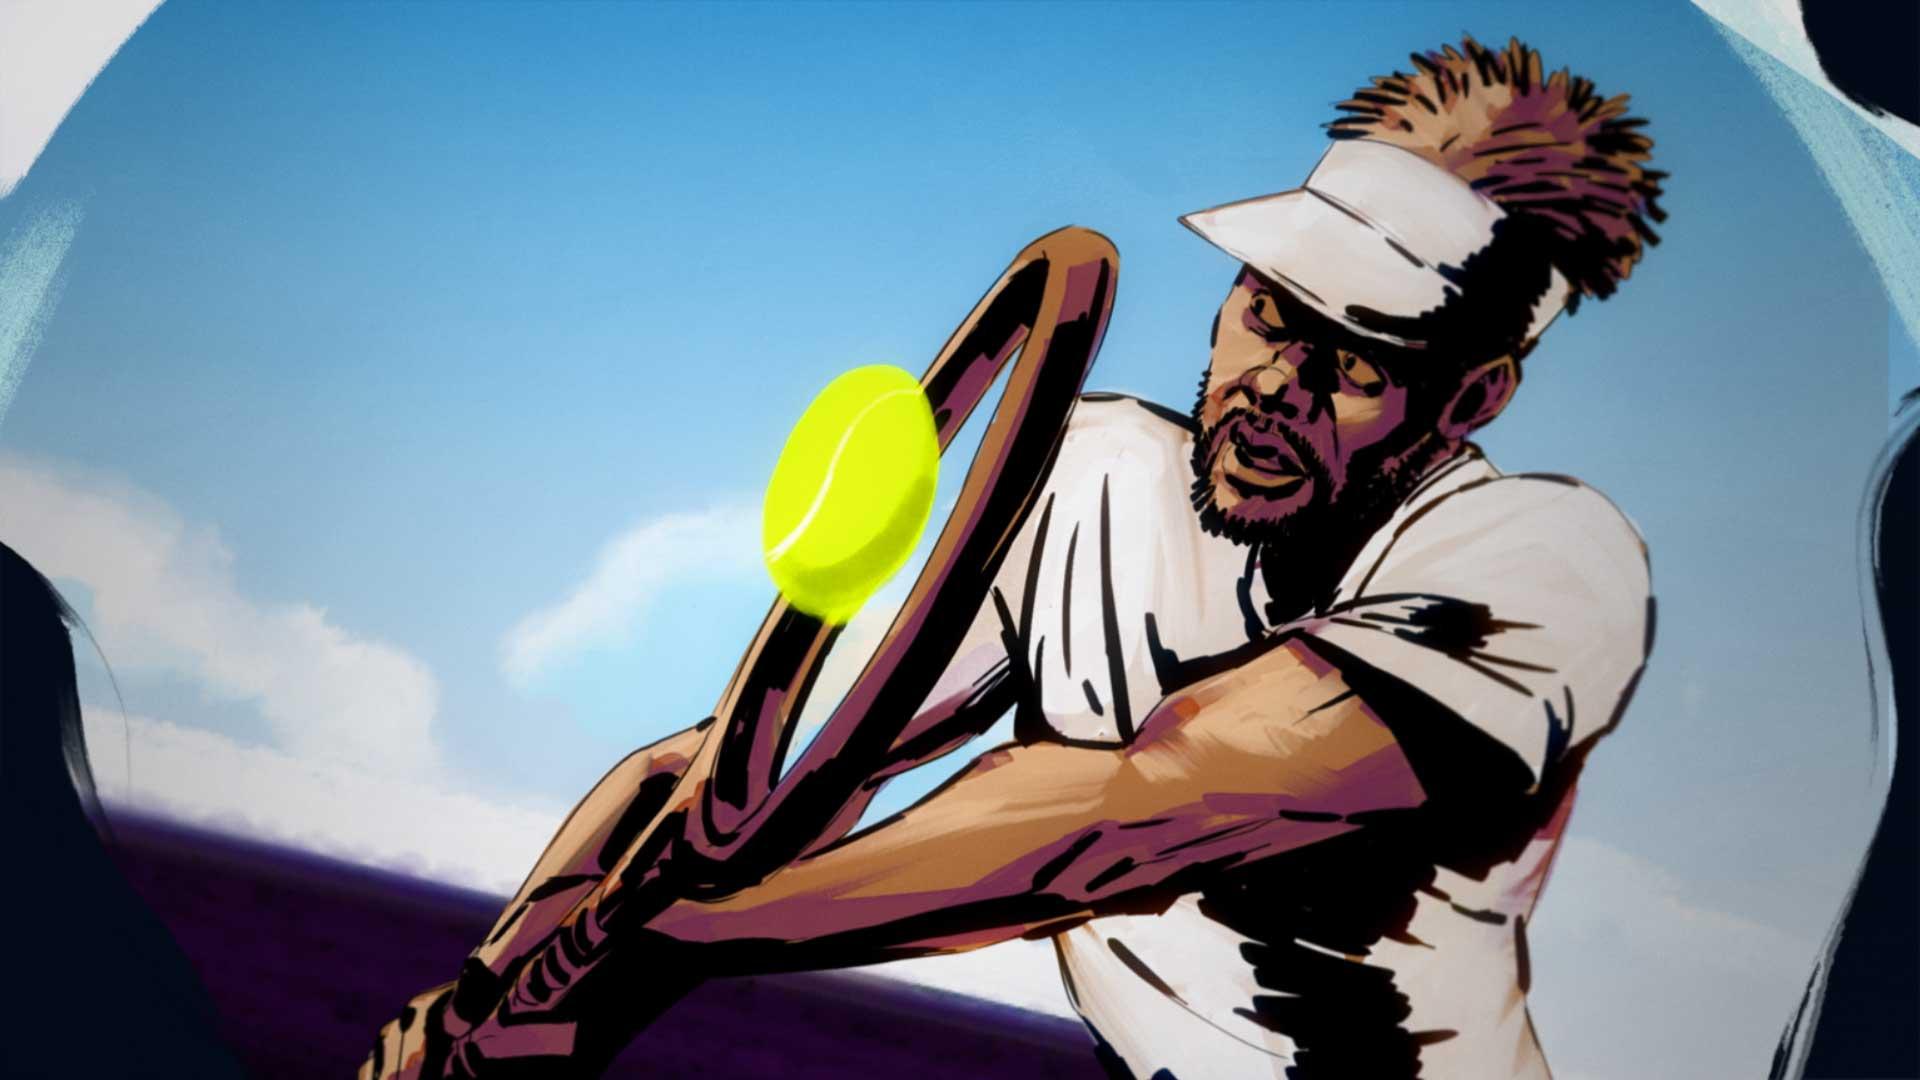 Wimbledon2019_EVAN_30s_25fps_v4k.jpg